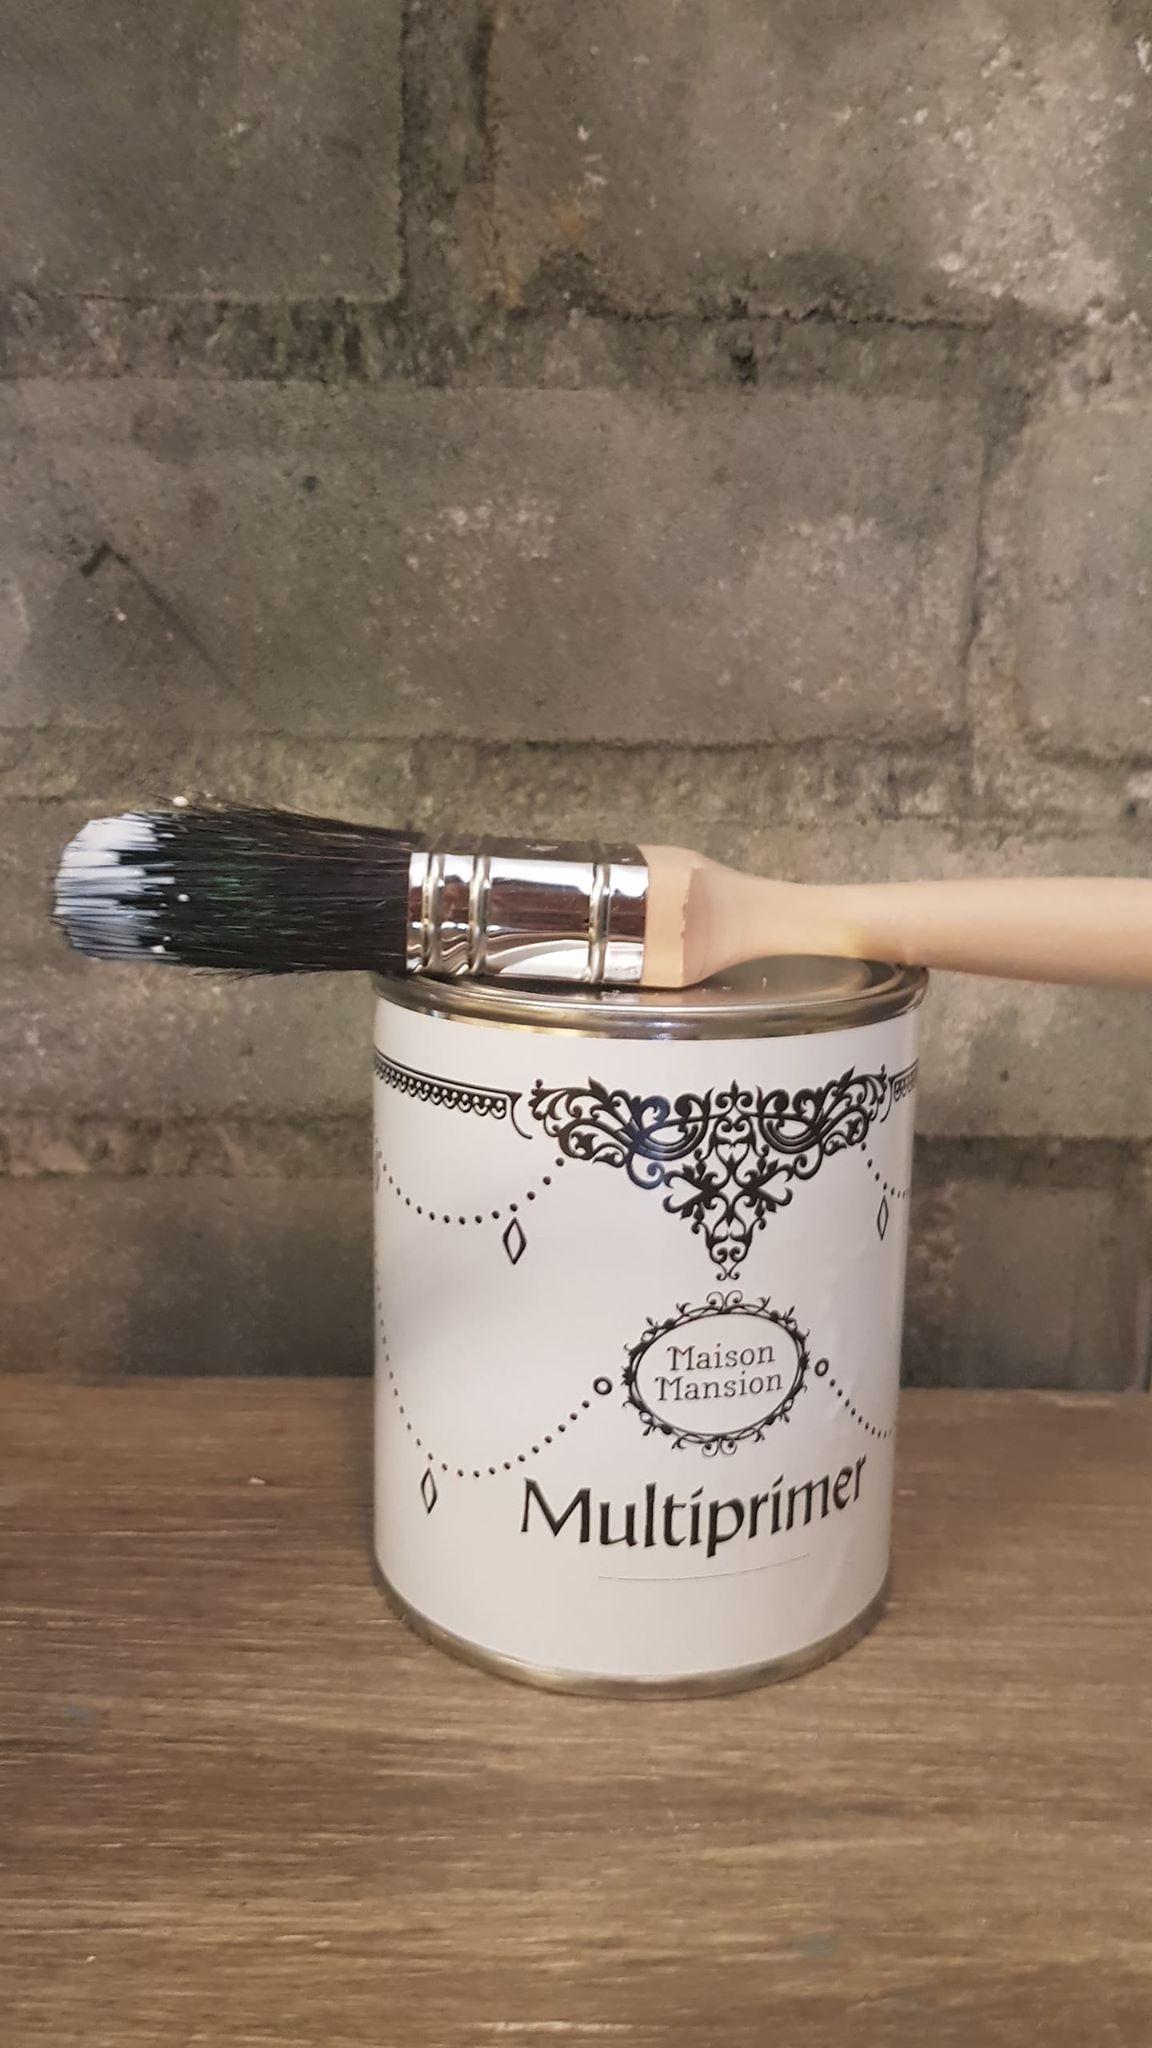 multiprimer, universele multiprimer, primers, maisonmansion, verven, finishing vernis